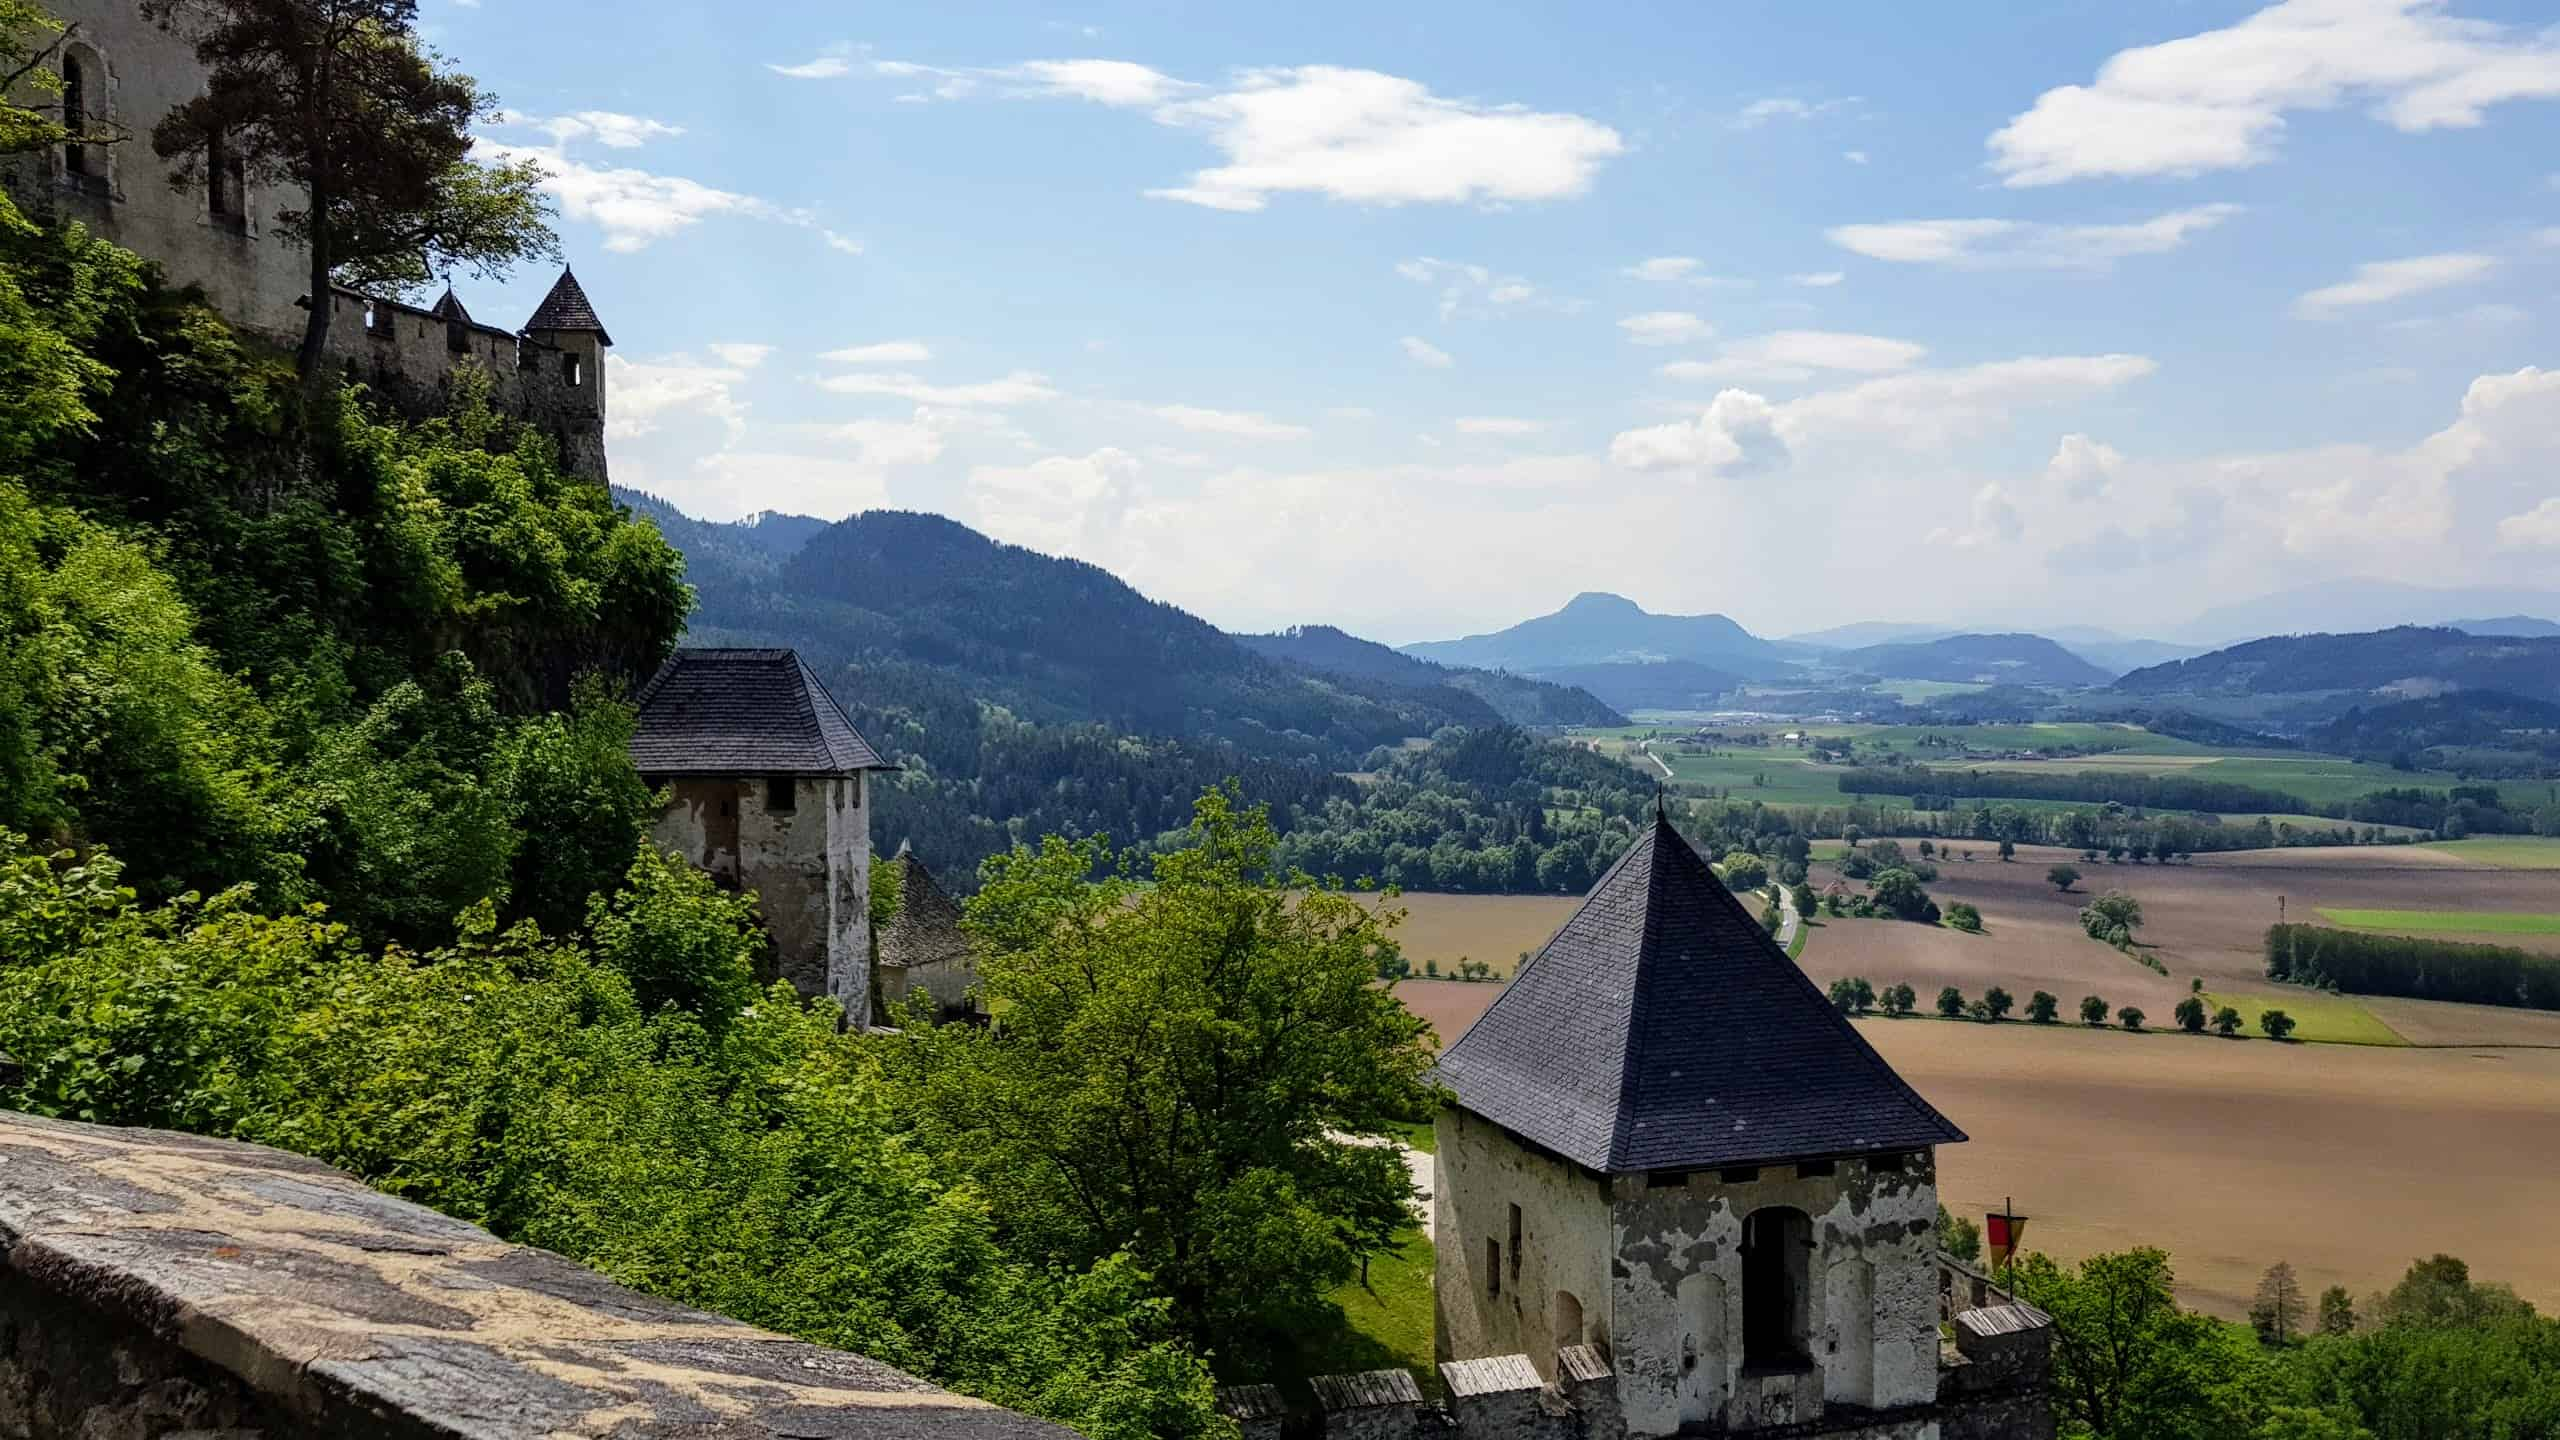 Panorama-Wanderung auf die Burg Hochosterwitz in Österreich